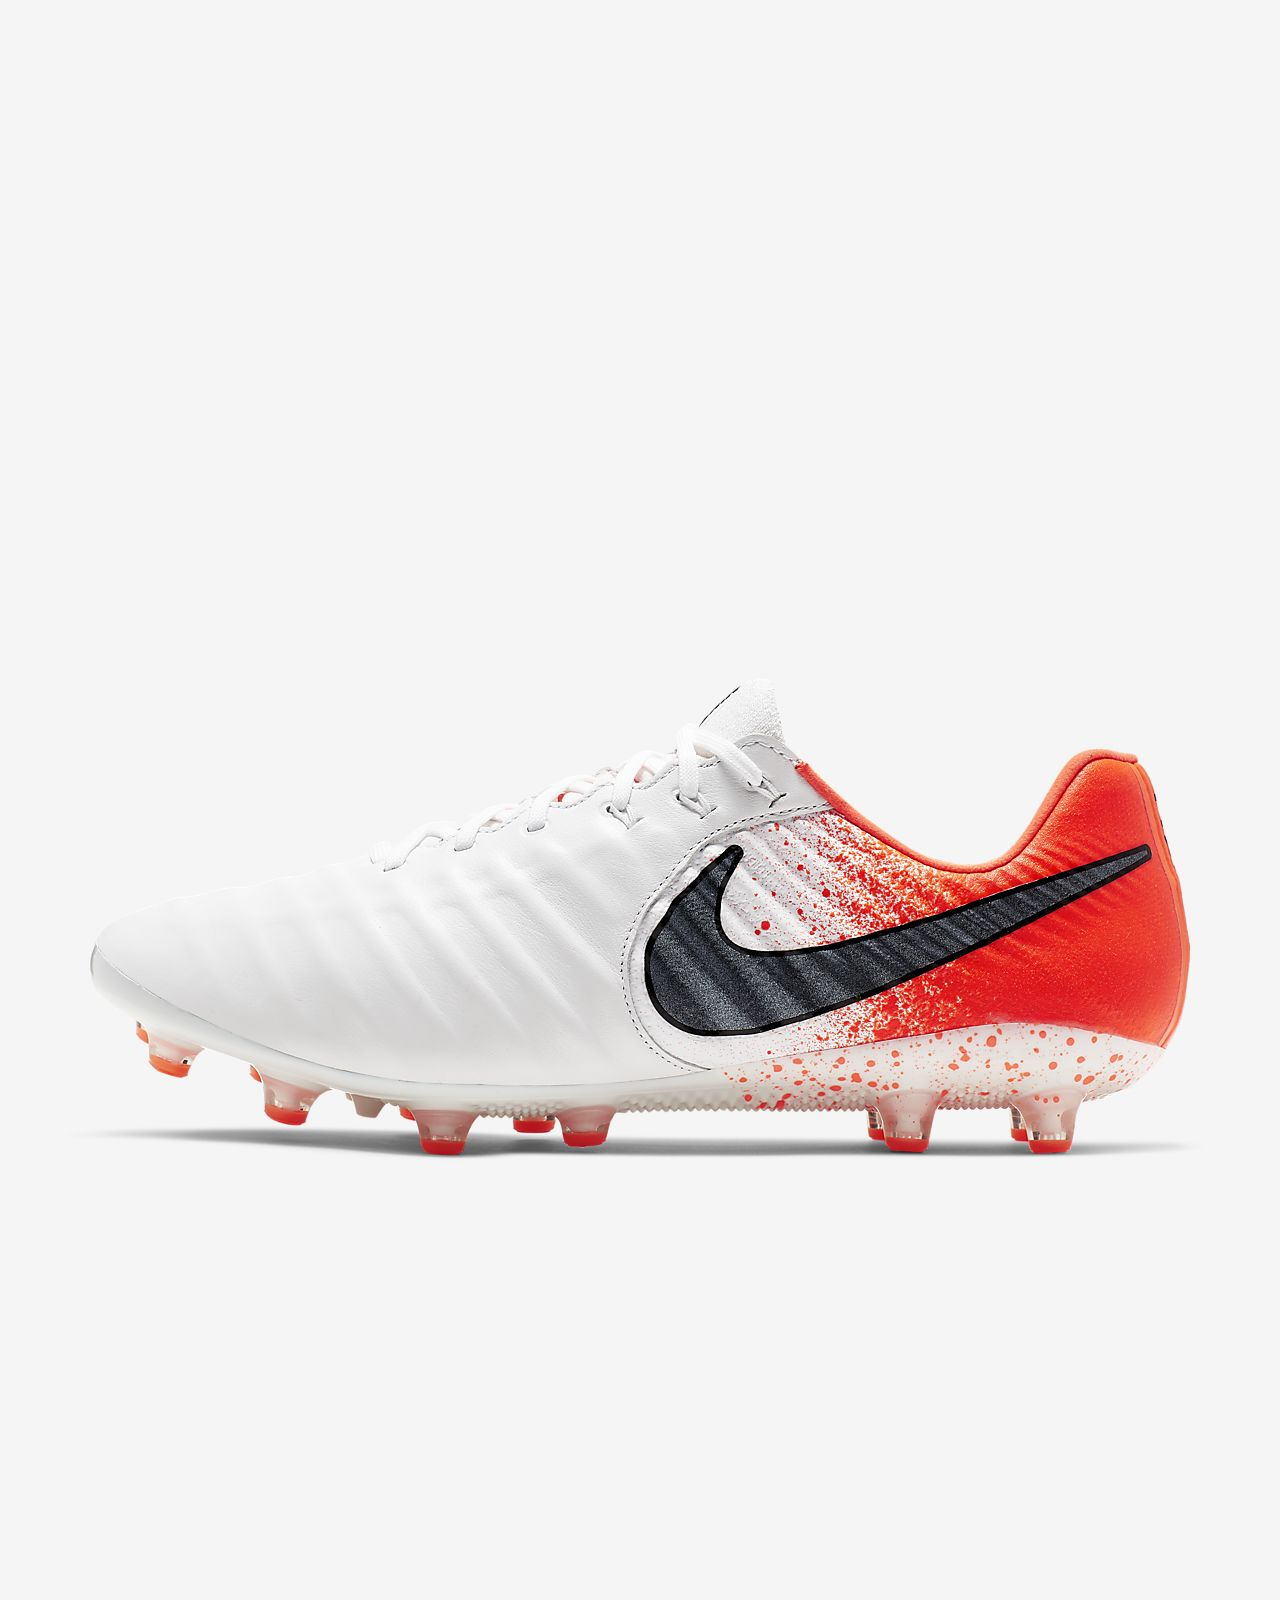 Para Vii Ag Artificial Pasto De Nike Calzado Fútbol Elite Pro Legend nvm8OywN0